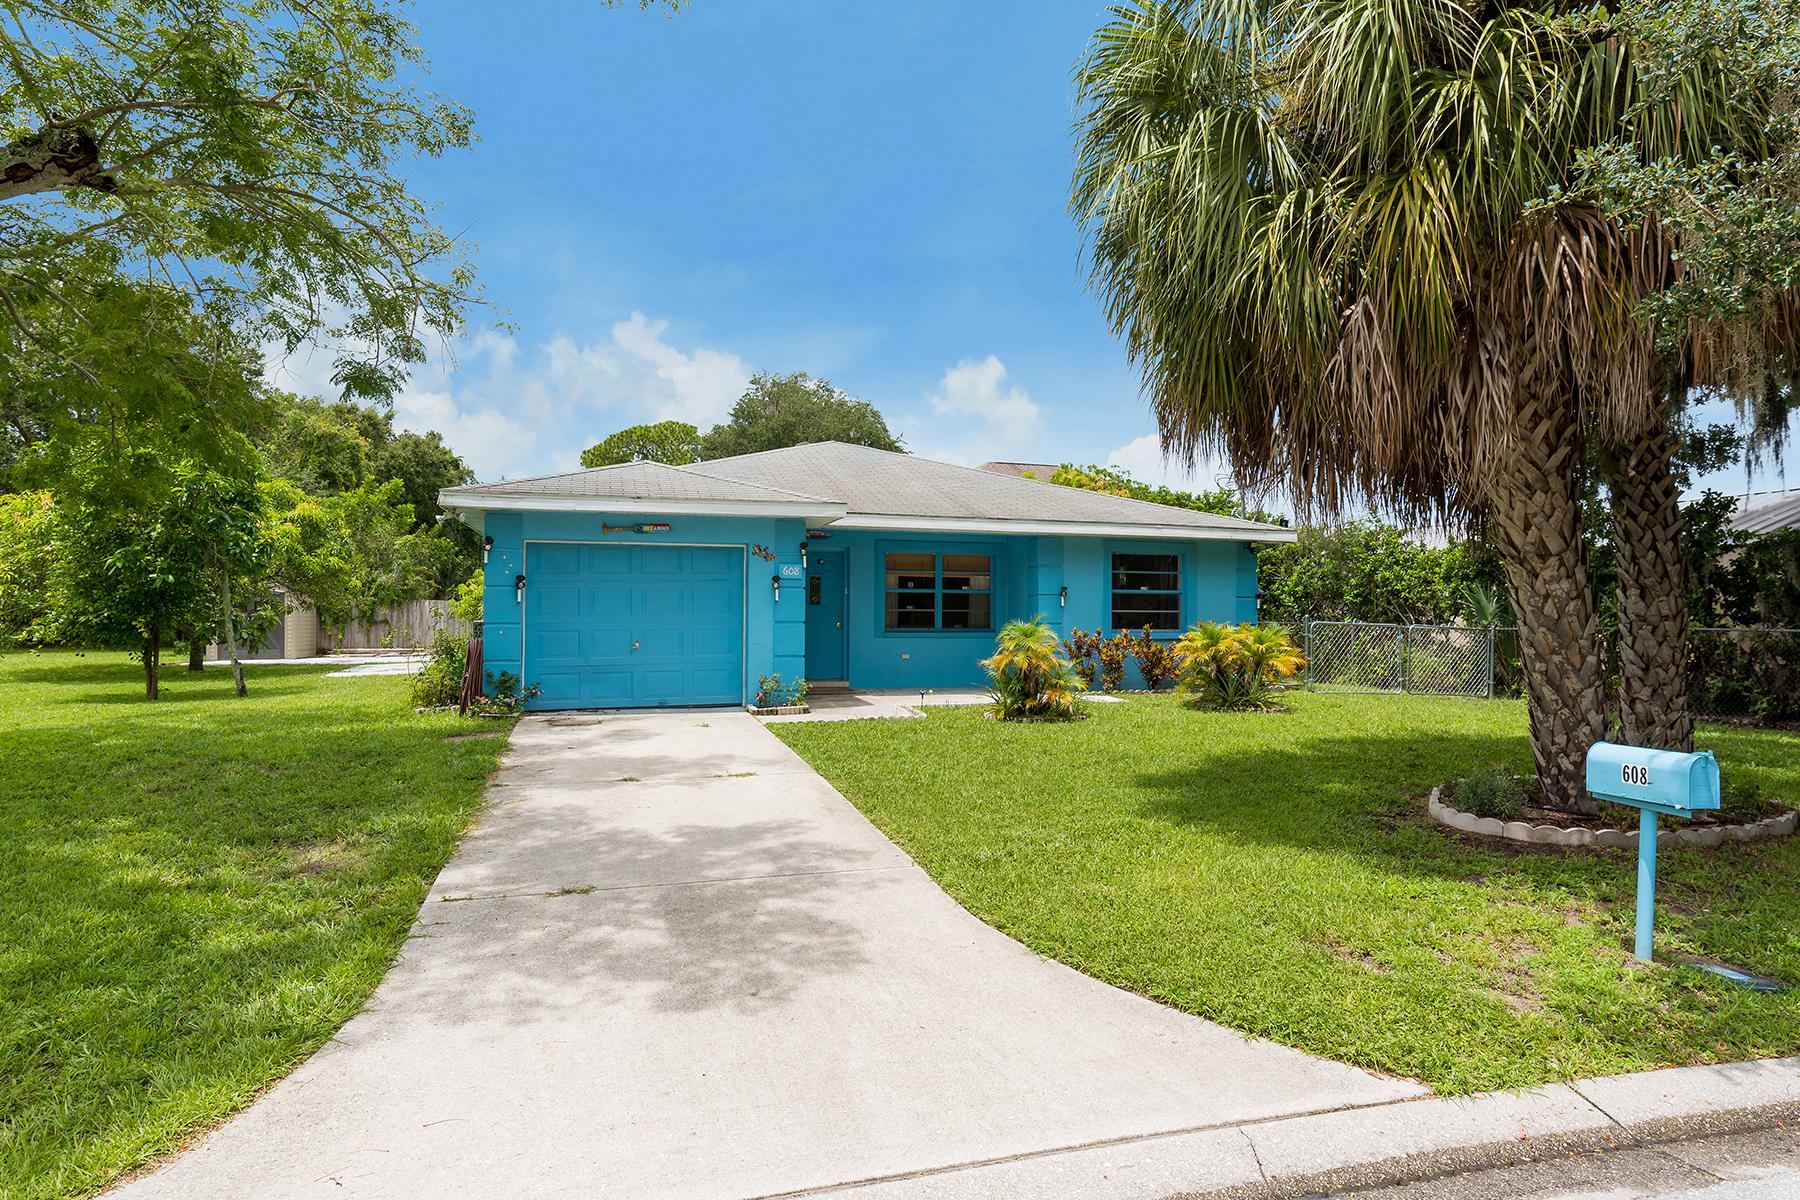 단독 가정 주택 용 매매 에 BRADENTON 608 29th St E Bradenton, 플로리다, 34208 미국